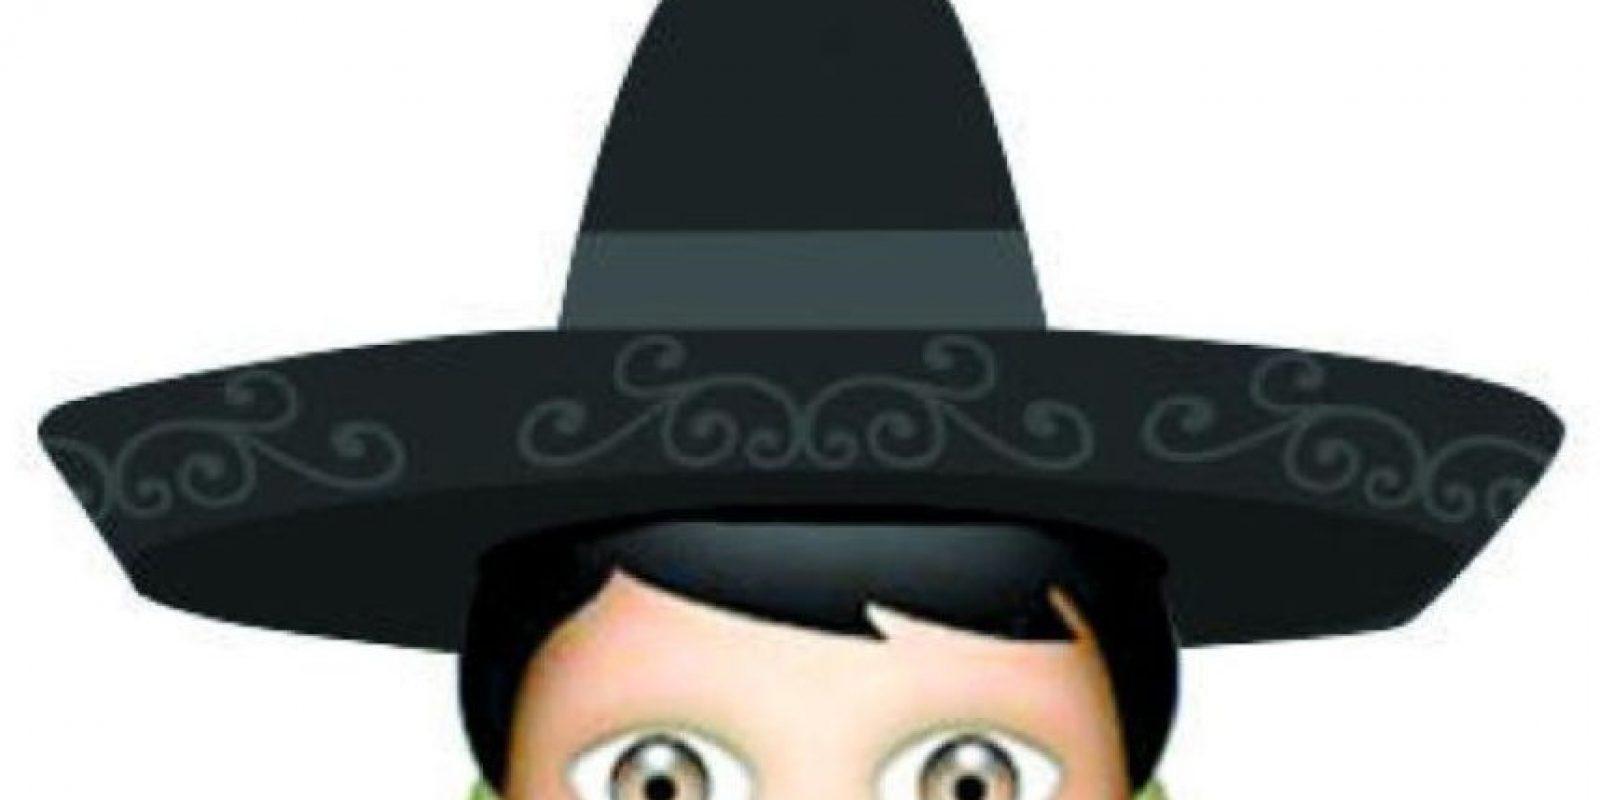 Emojide un mariachi mexicano. Foto:Twitter